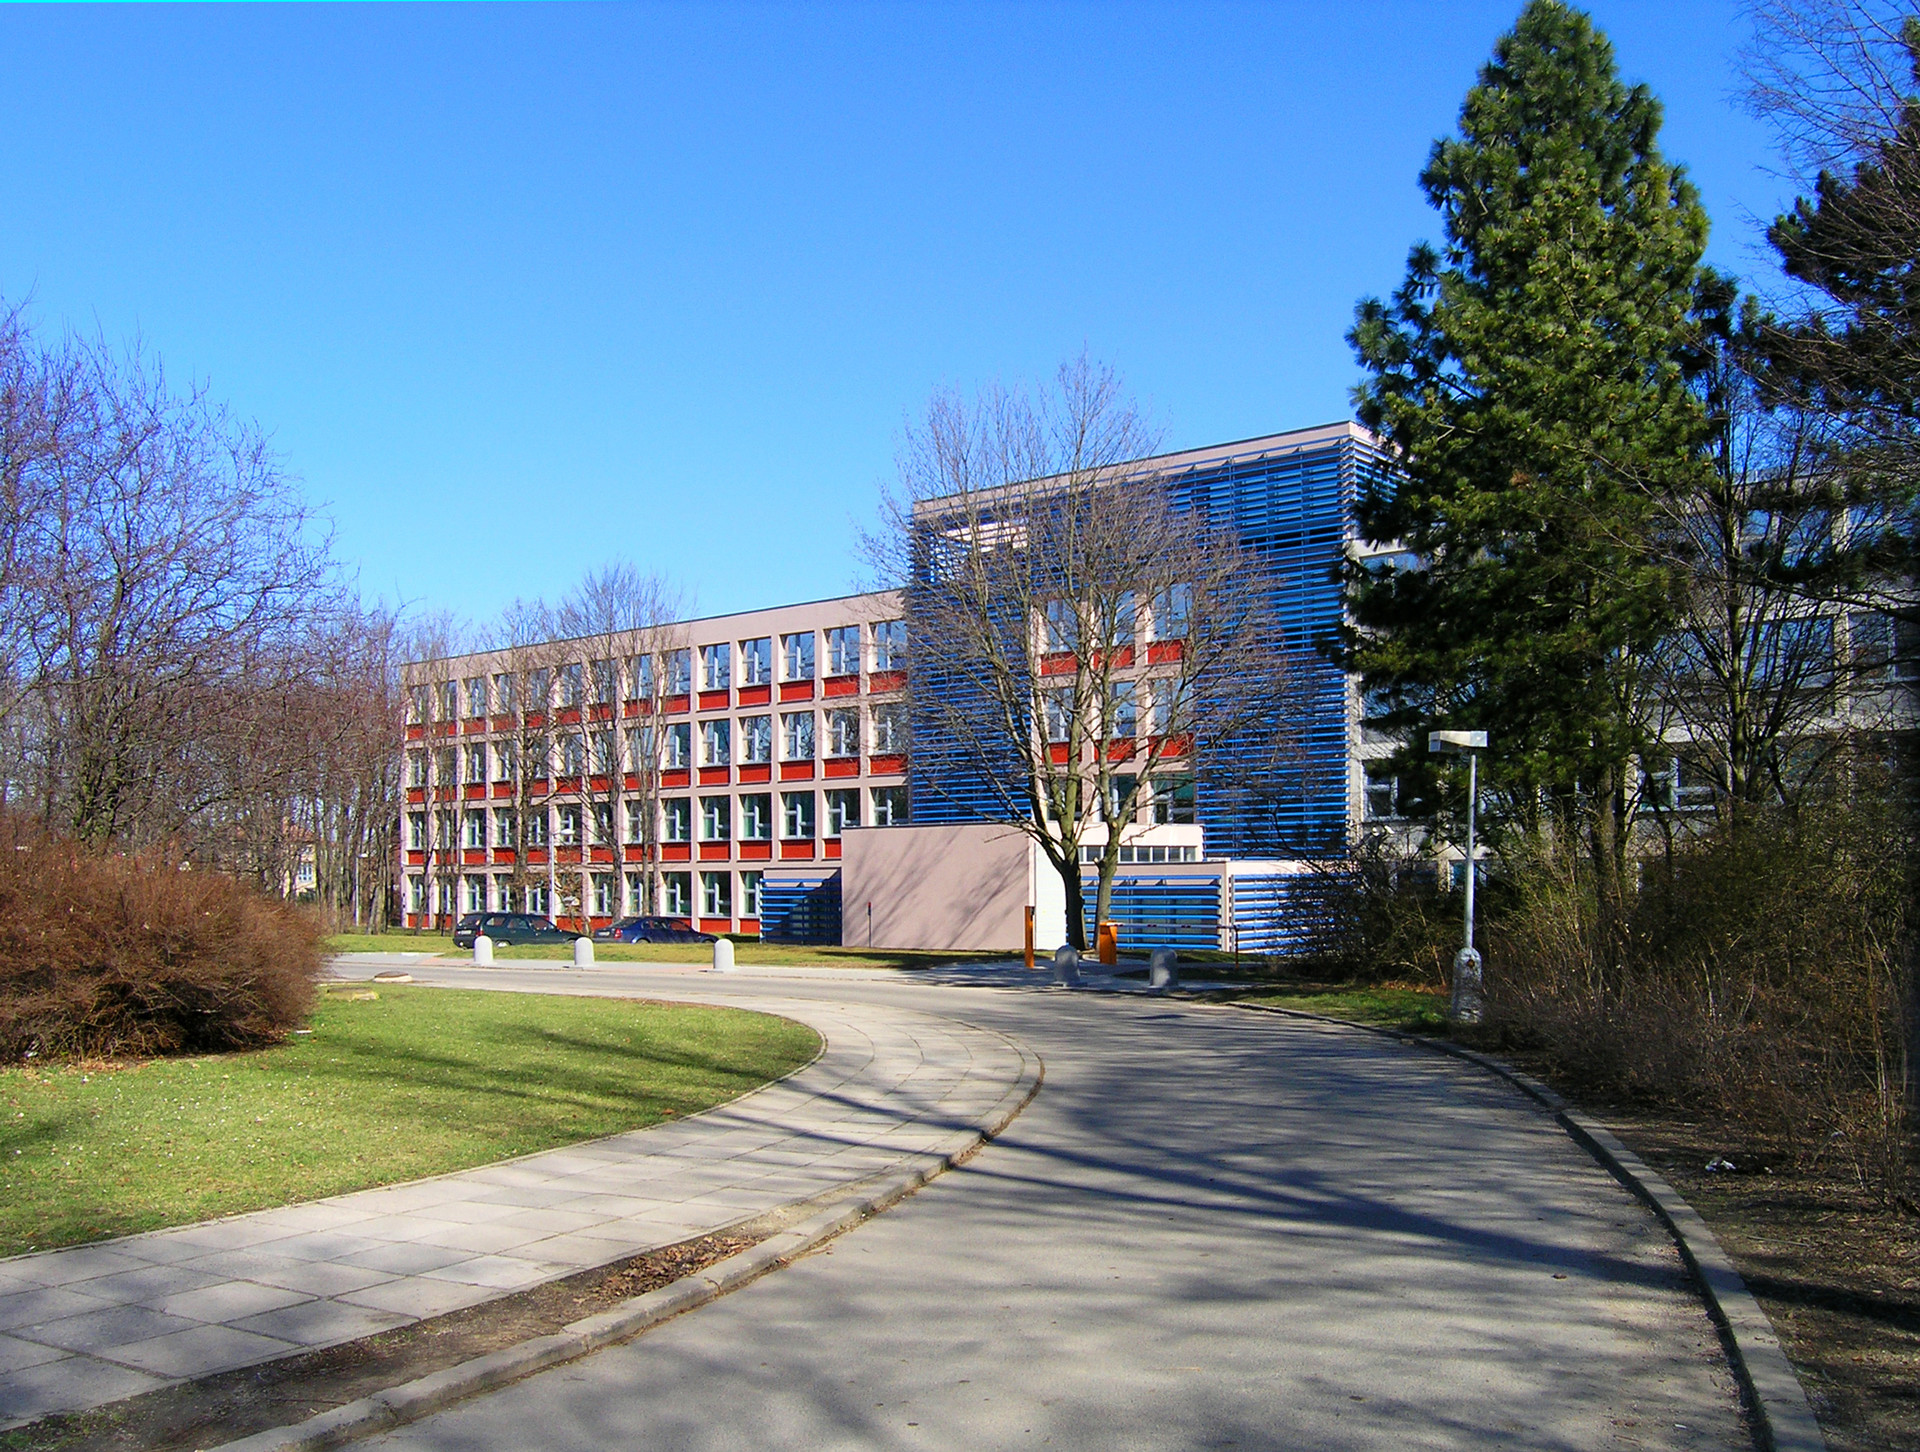 L'esperienza all Czech University of Life Sciences di Praga (Repubblica Ceca) di Iva